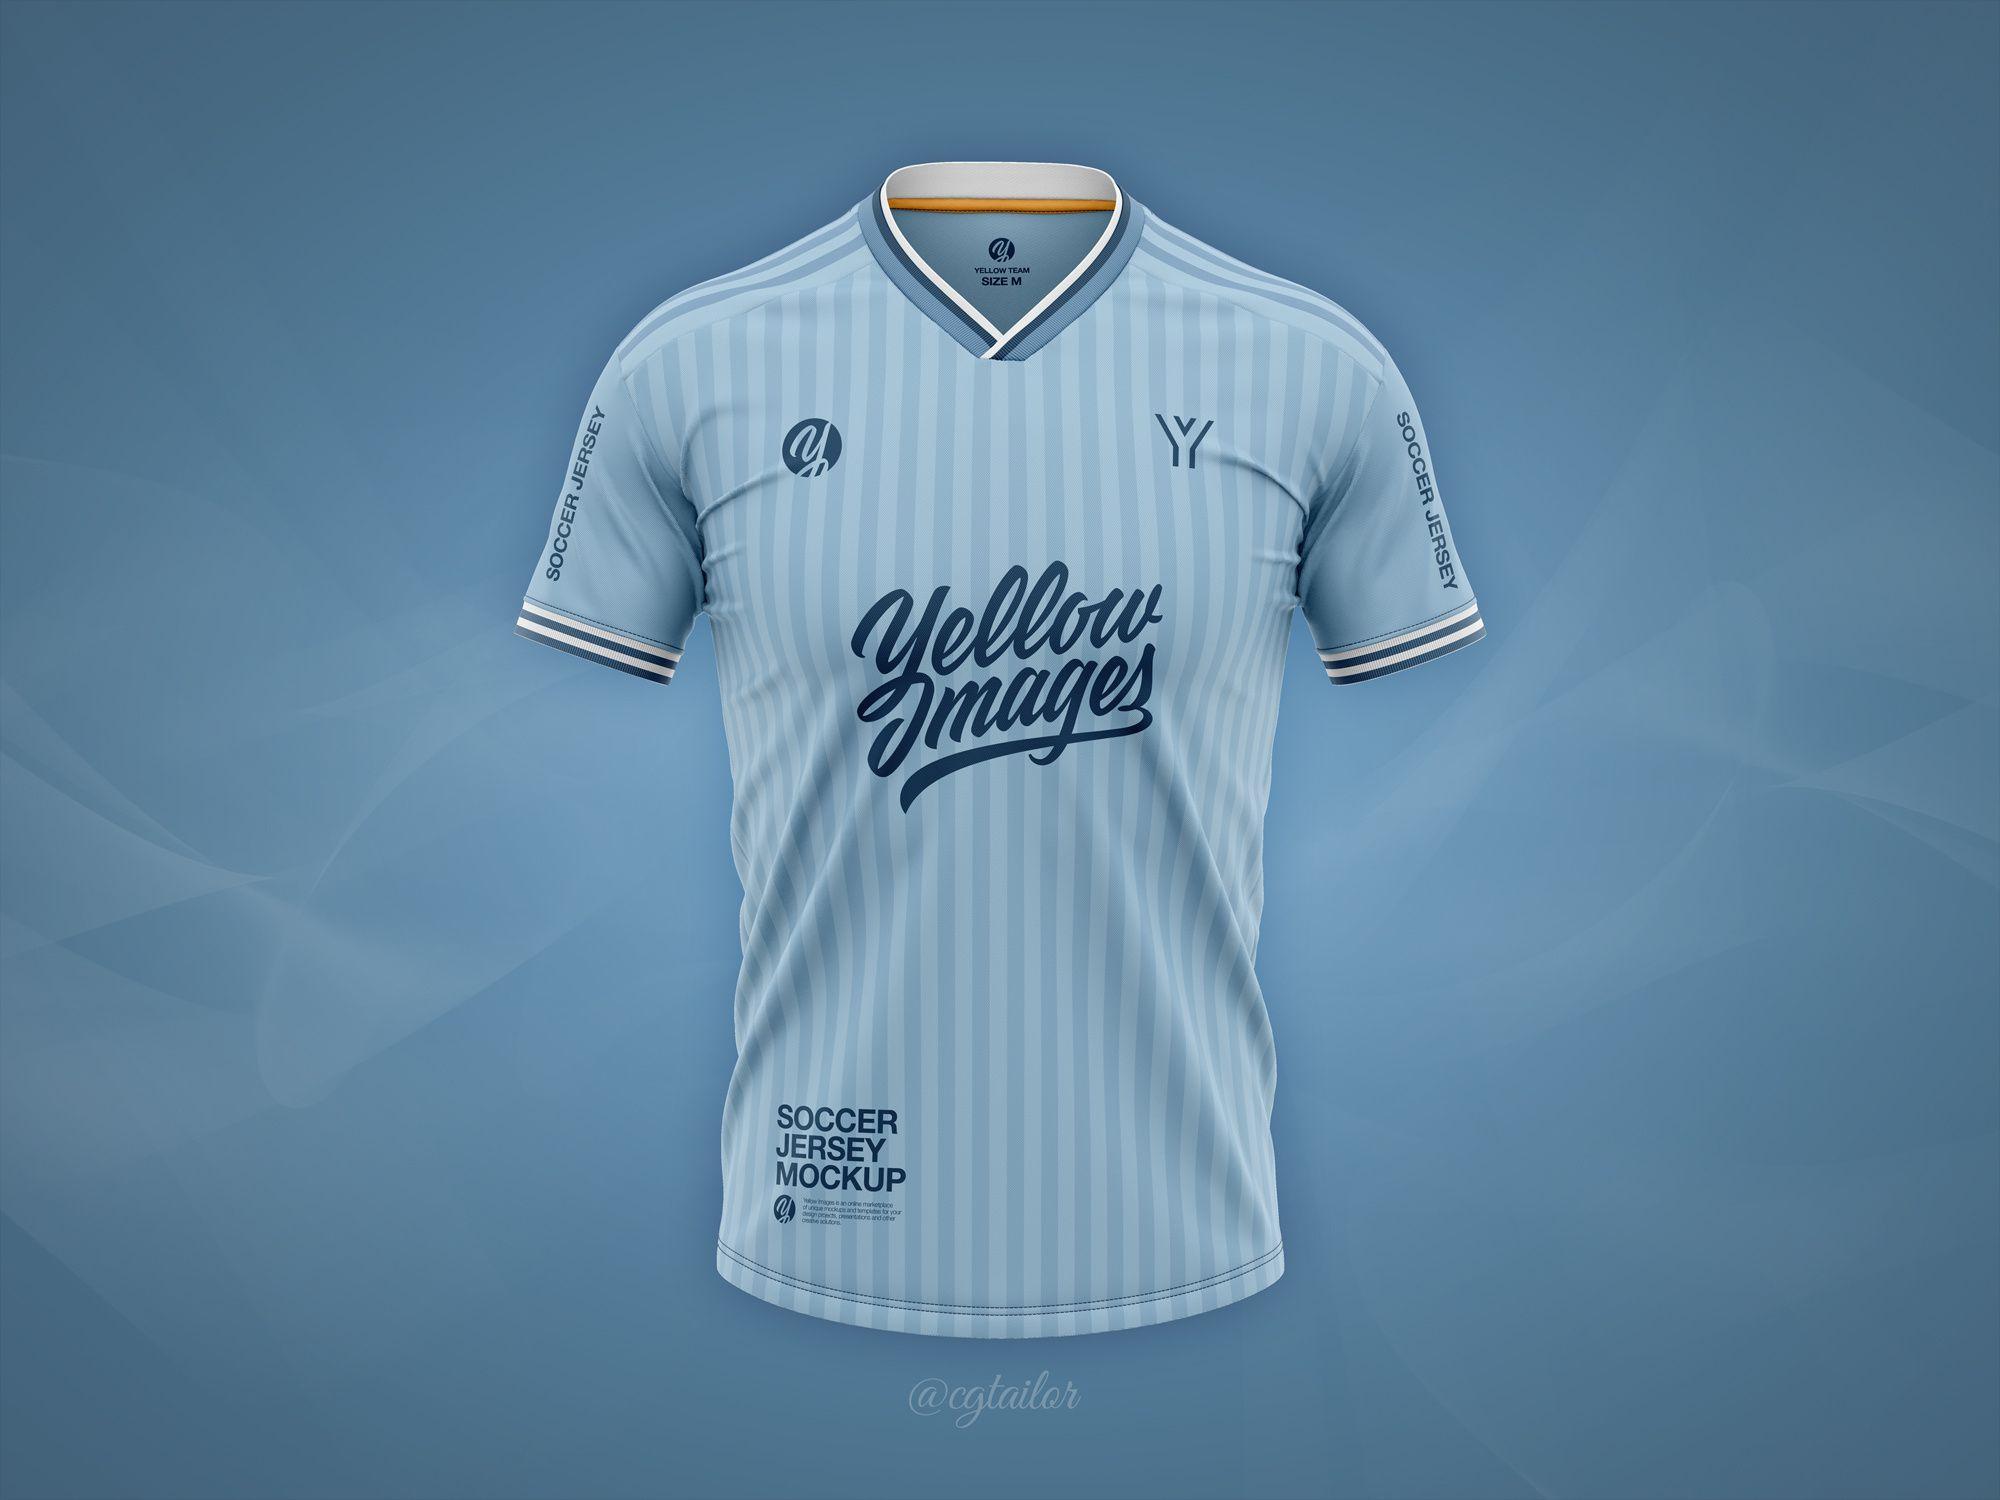 Download Football Jersey Mockup 2019 2020 Season T Shirt Design Template Clothing Mockup Shirt Mockup